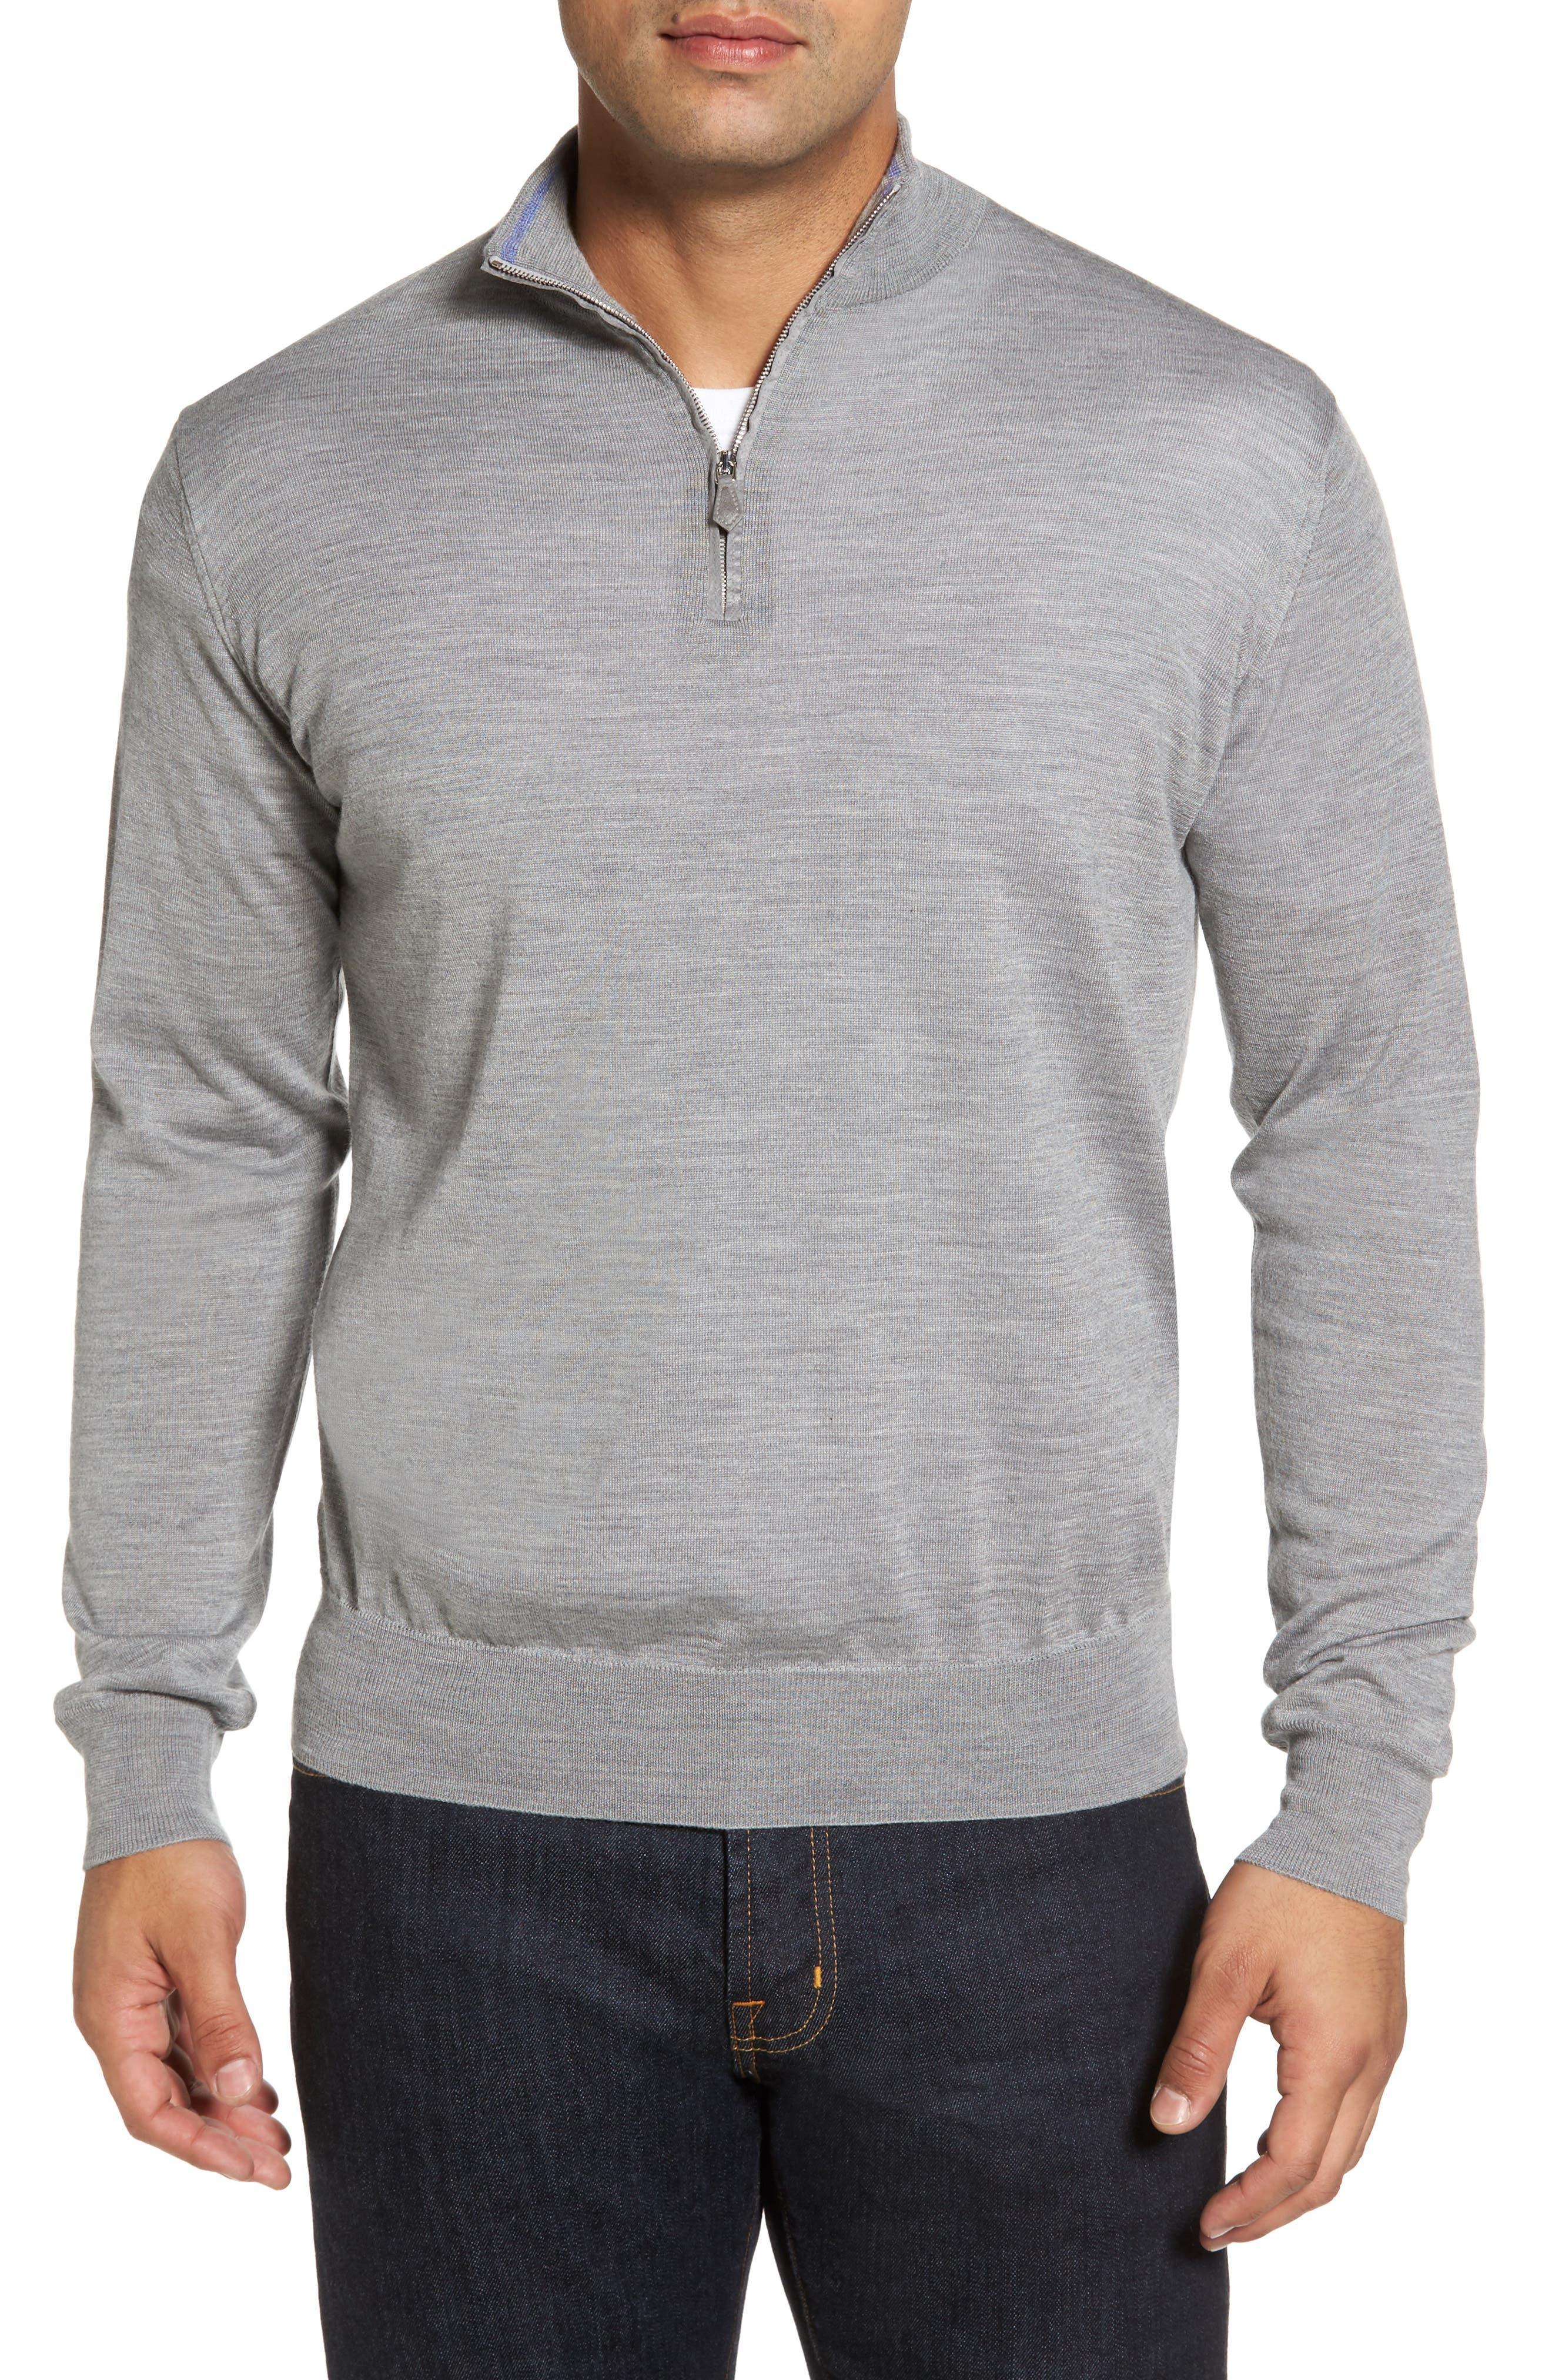 Peter Millar Wool Blend Quarter Zip Sweater